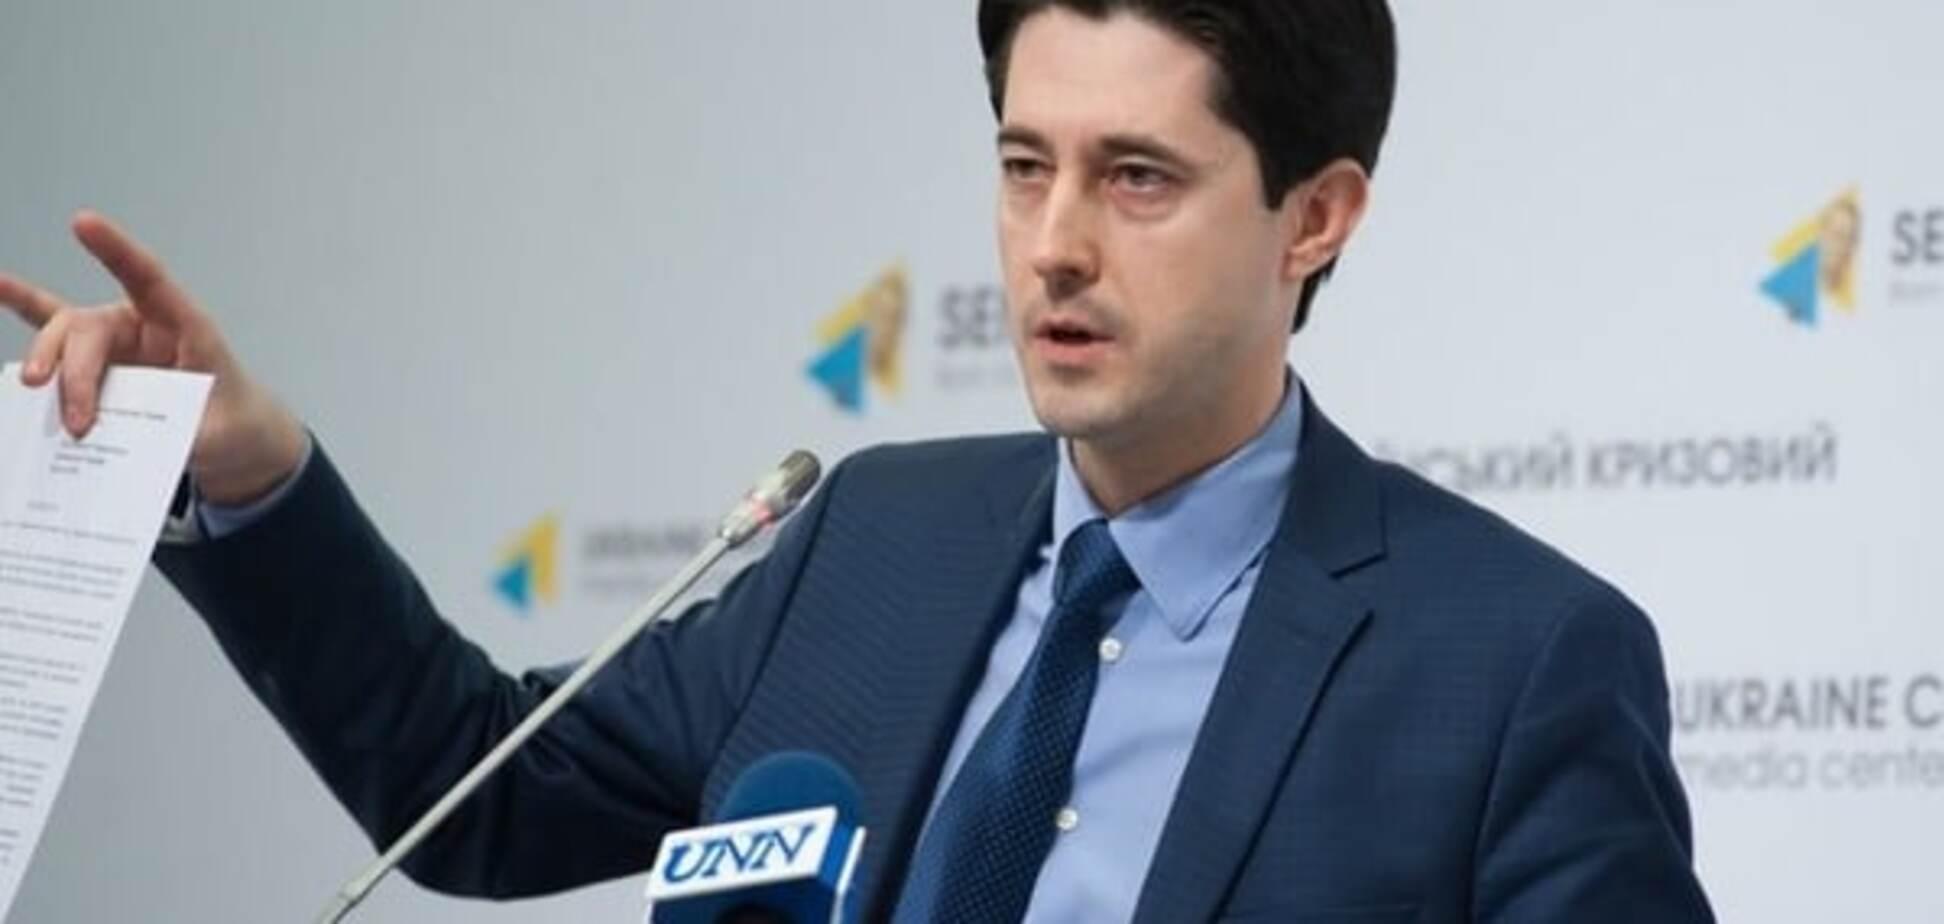 Будуть валити: Касько дав прогноз щодо справи 'діамантових прокурорів'